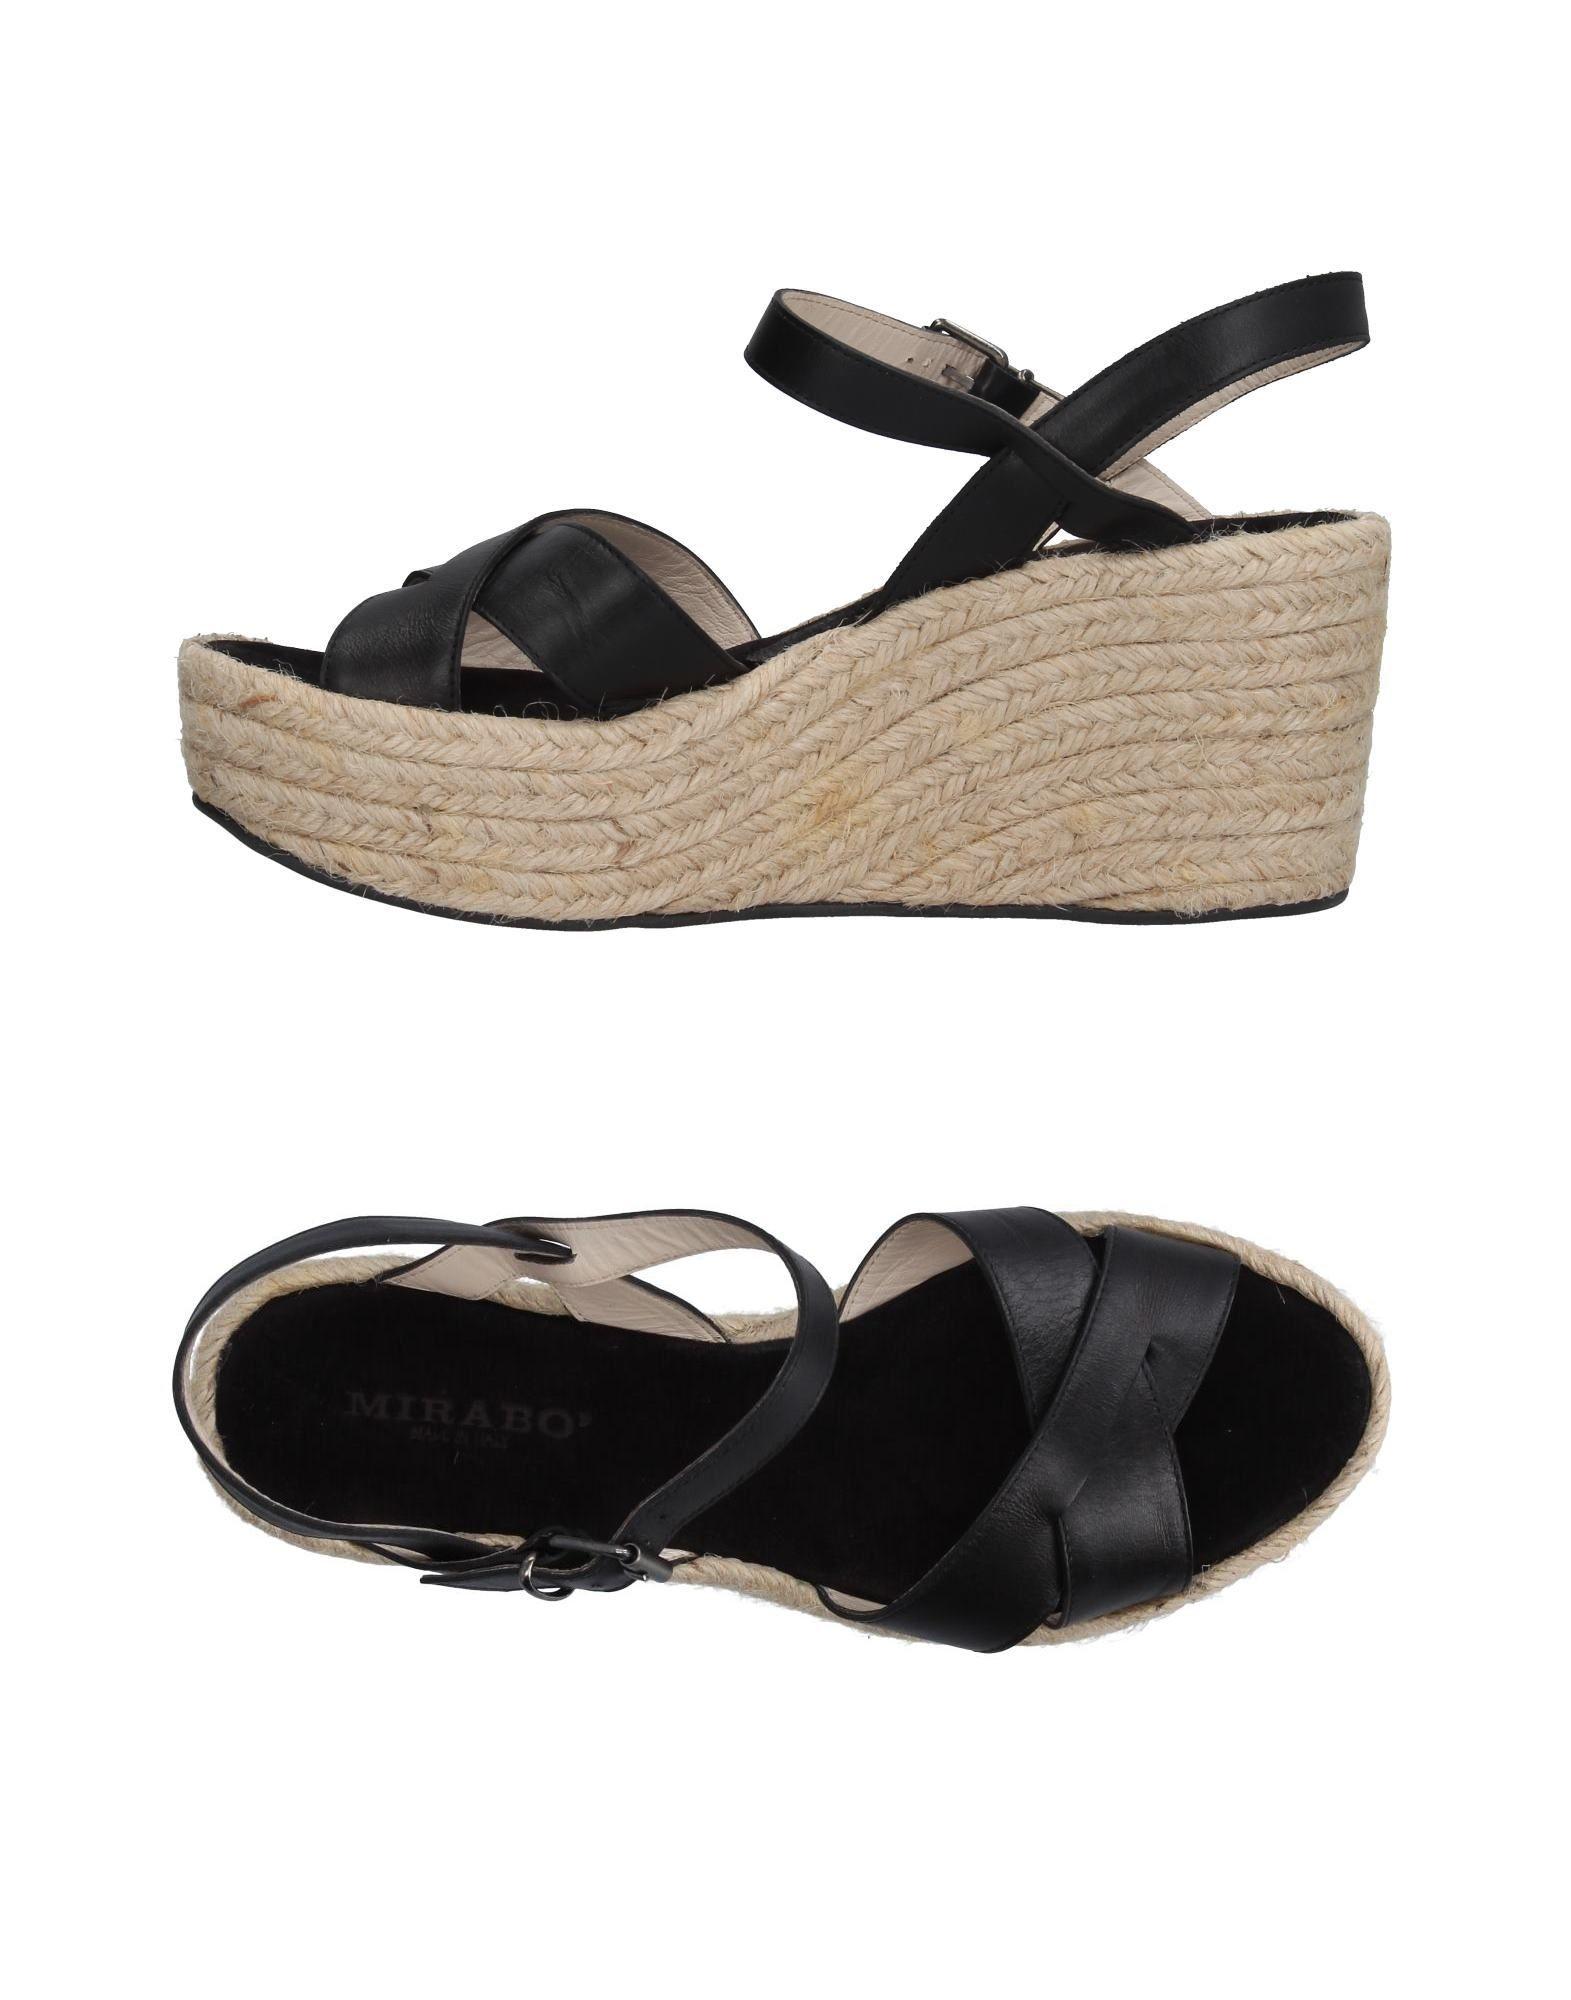 Mirabo' Sandalen Gute Damen  11202266CK Gute Sandalen Qualität beliebte Schuhe 599328